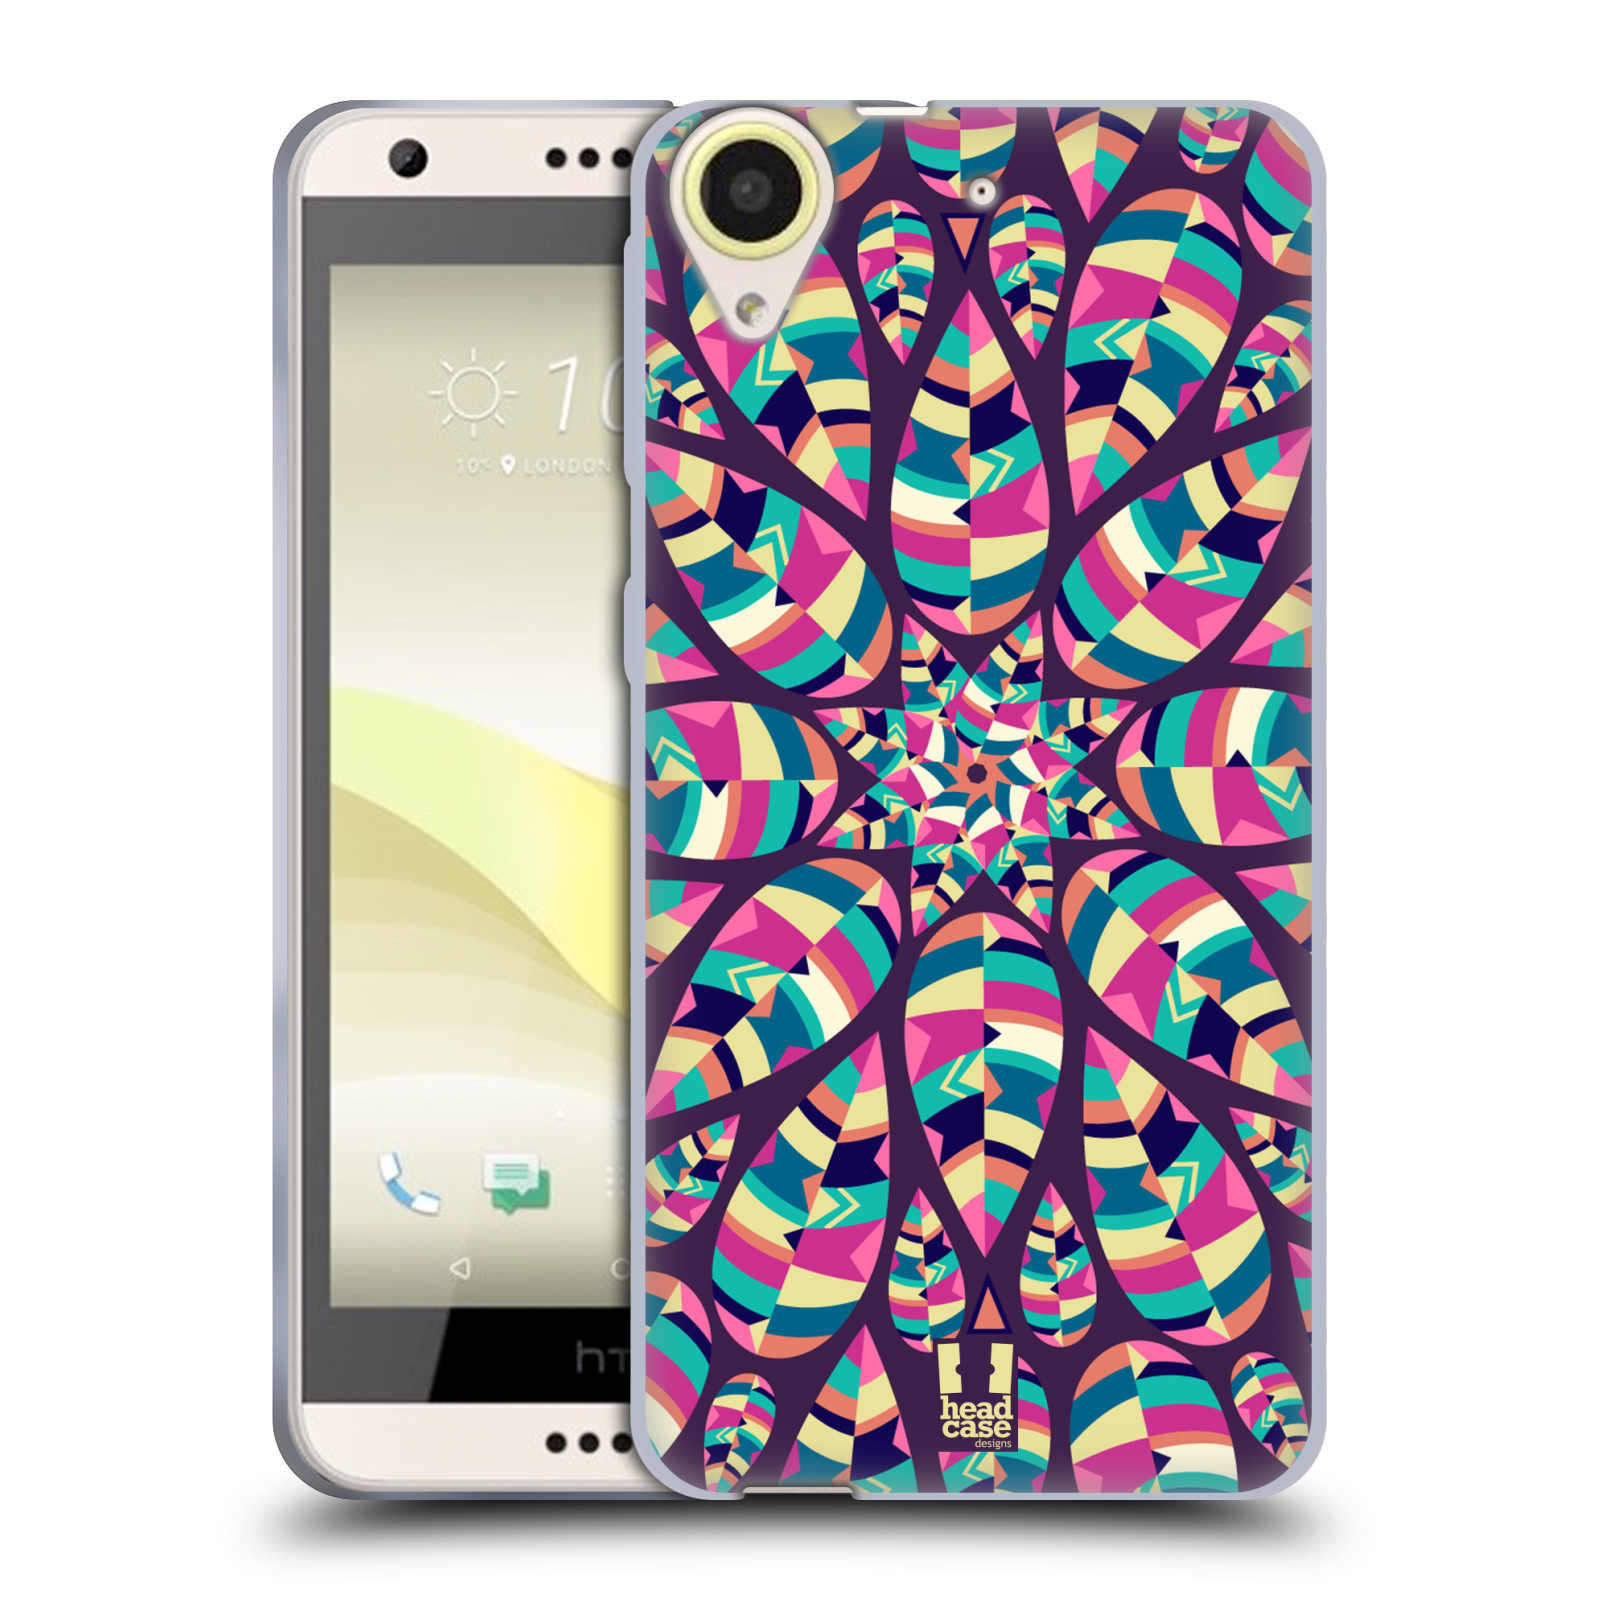 Silikonové pouzdro na mobil HTC Desire 650 HEAD CASE Shine (Silikonový kryt či obal na mobilní telefon HTC Desire 650)